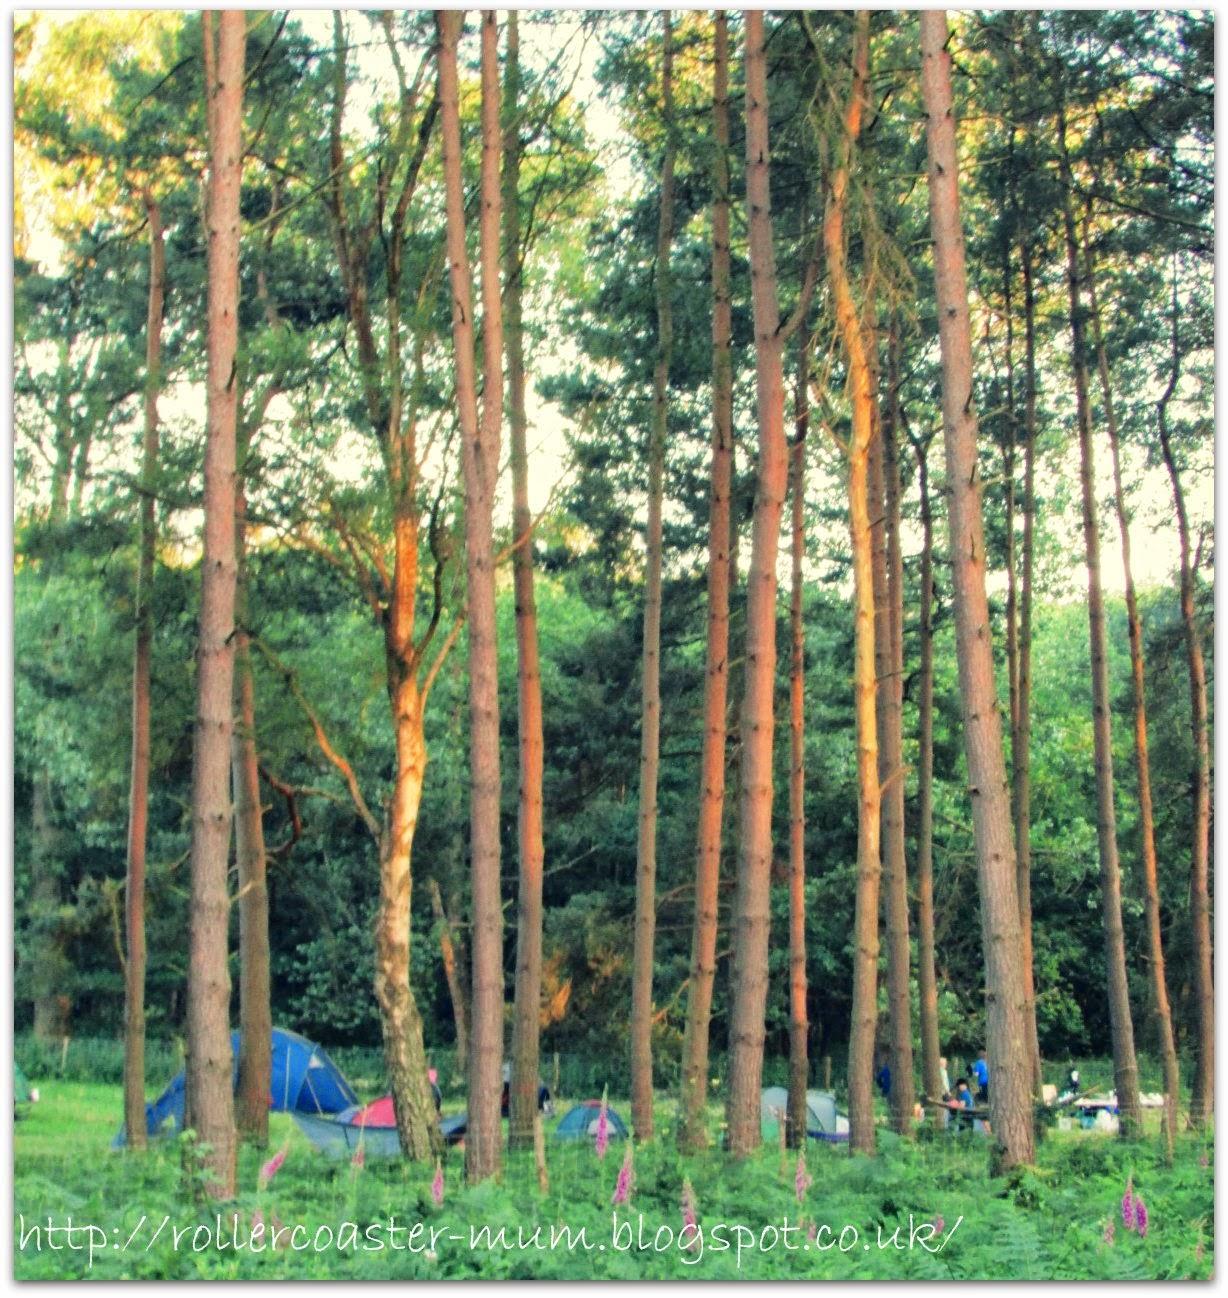 #BigWildSleepout camp Farnham Heath